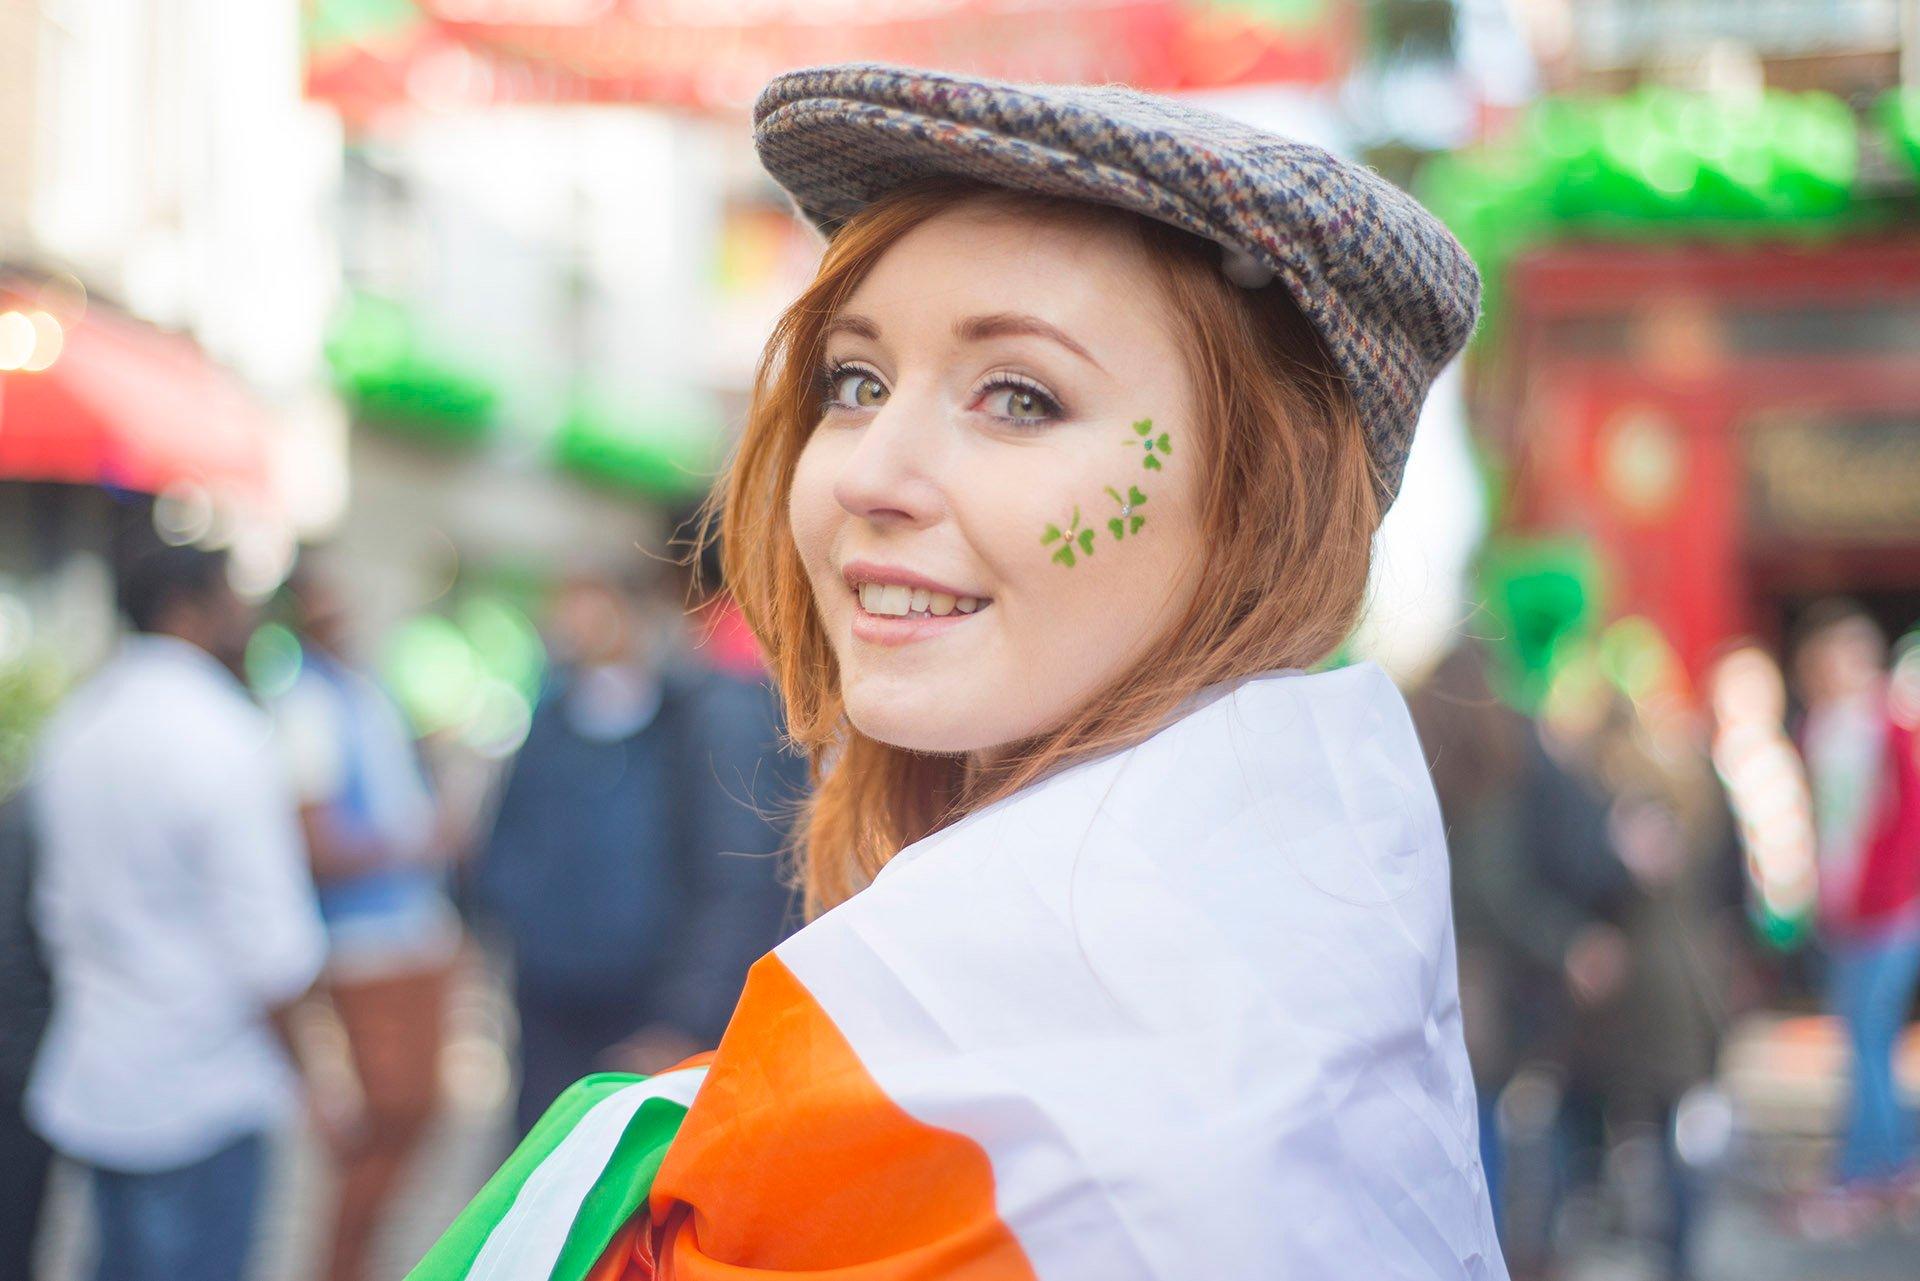 Ireland girl